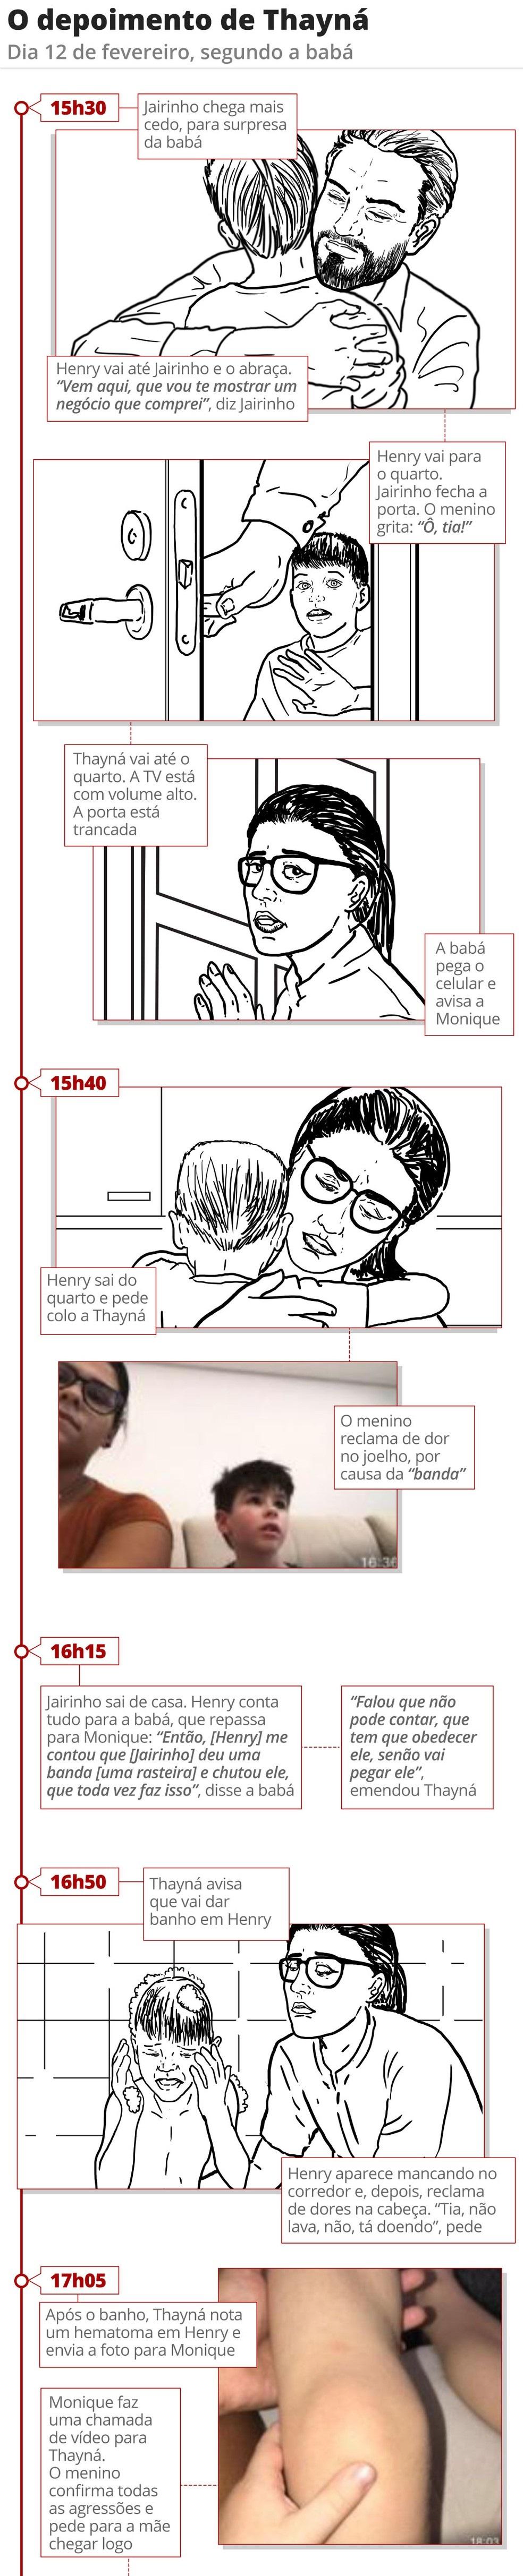 Caso Henry: veja como foram as agressões sofridas, segundo a babá - Imagem 1